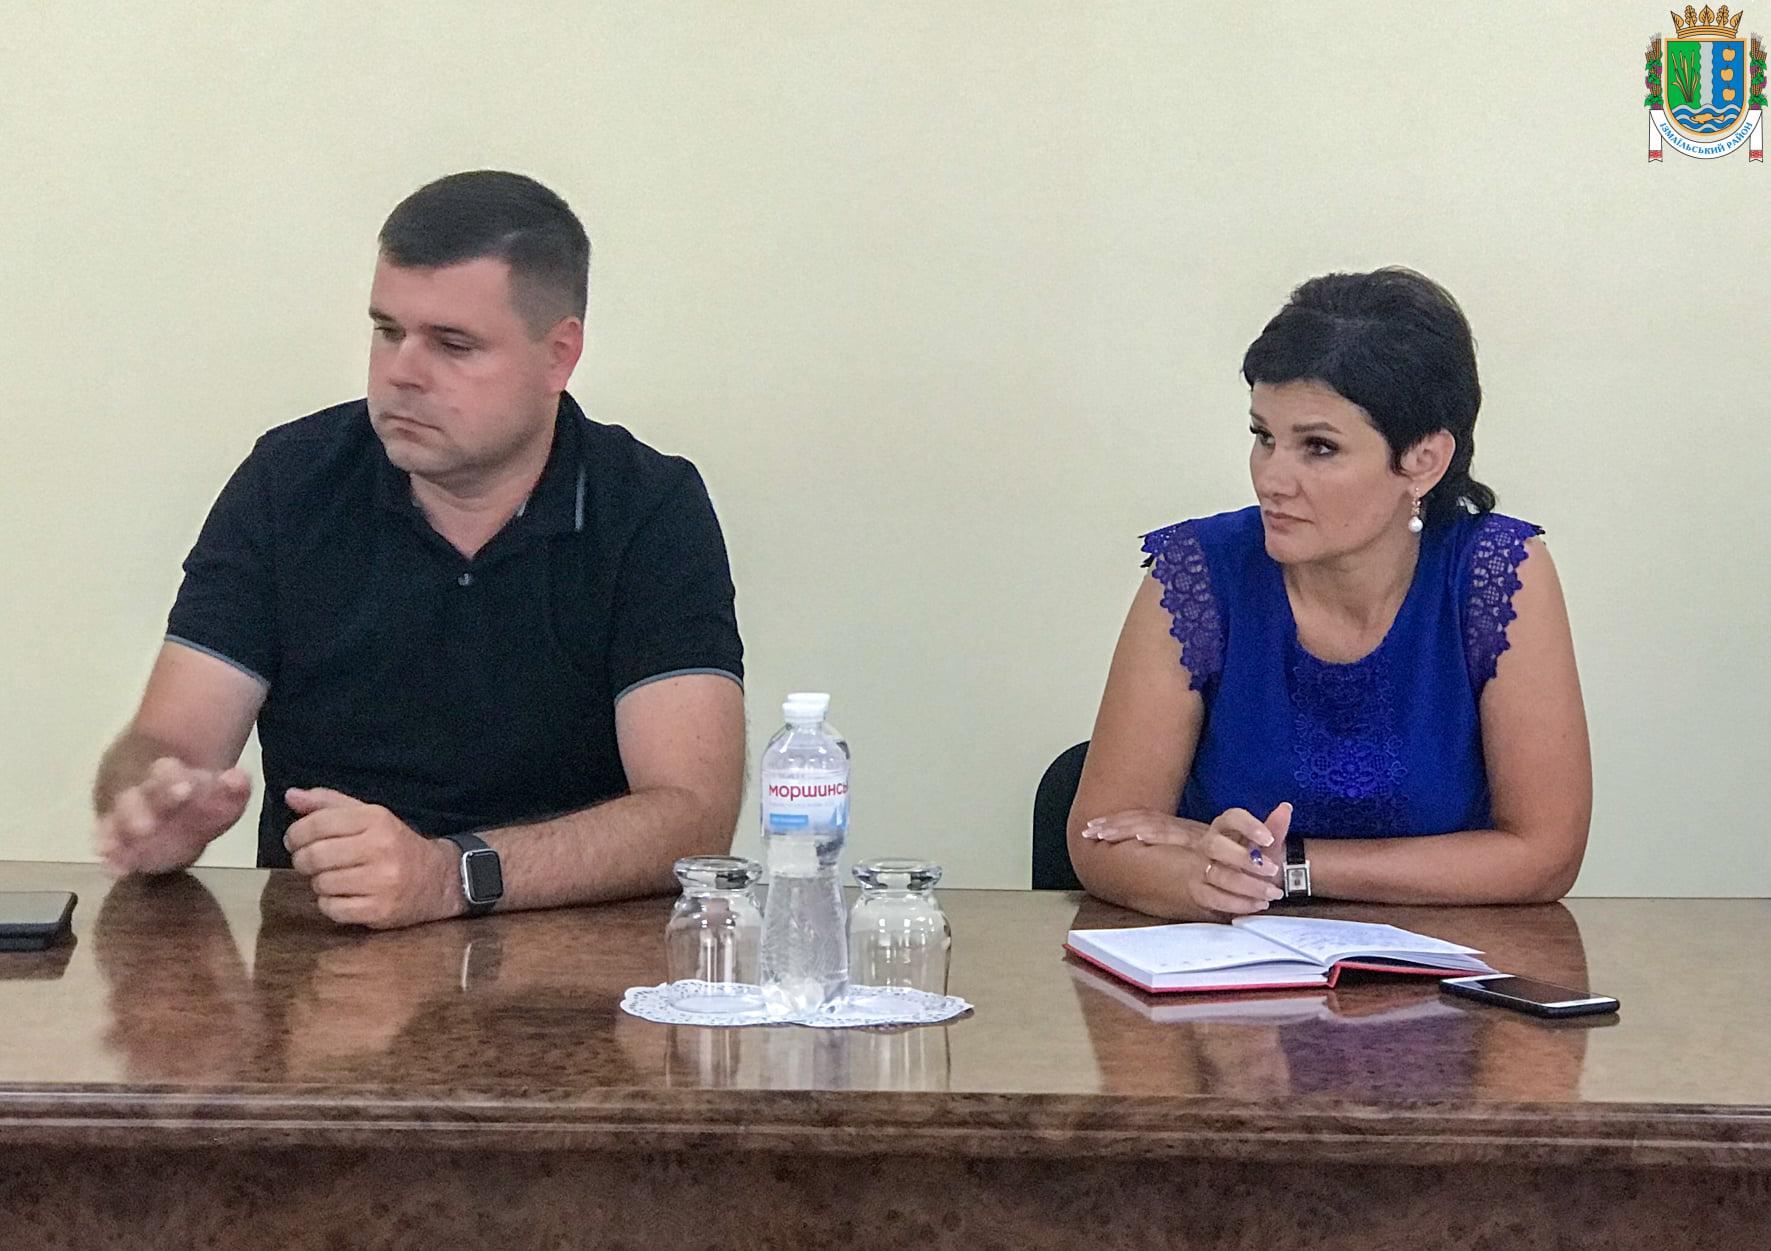 Зампред Одесской ОГА в ходе визита в Измаил озвучил ожидаемые показатели по вакцинации. К осени в городе откроют дополнительные прививочные центры